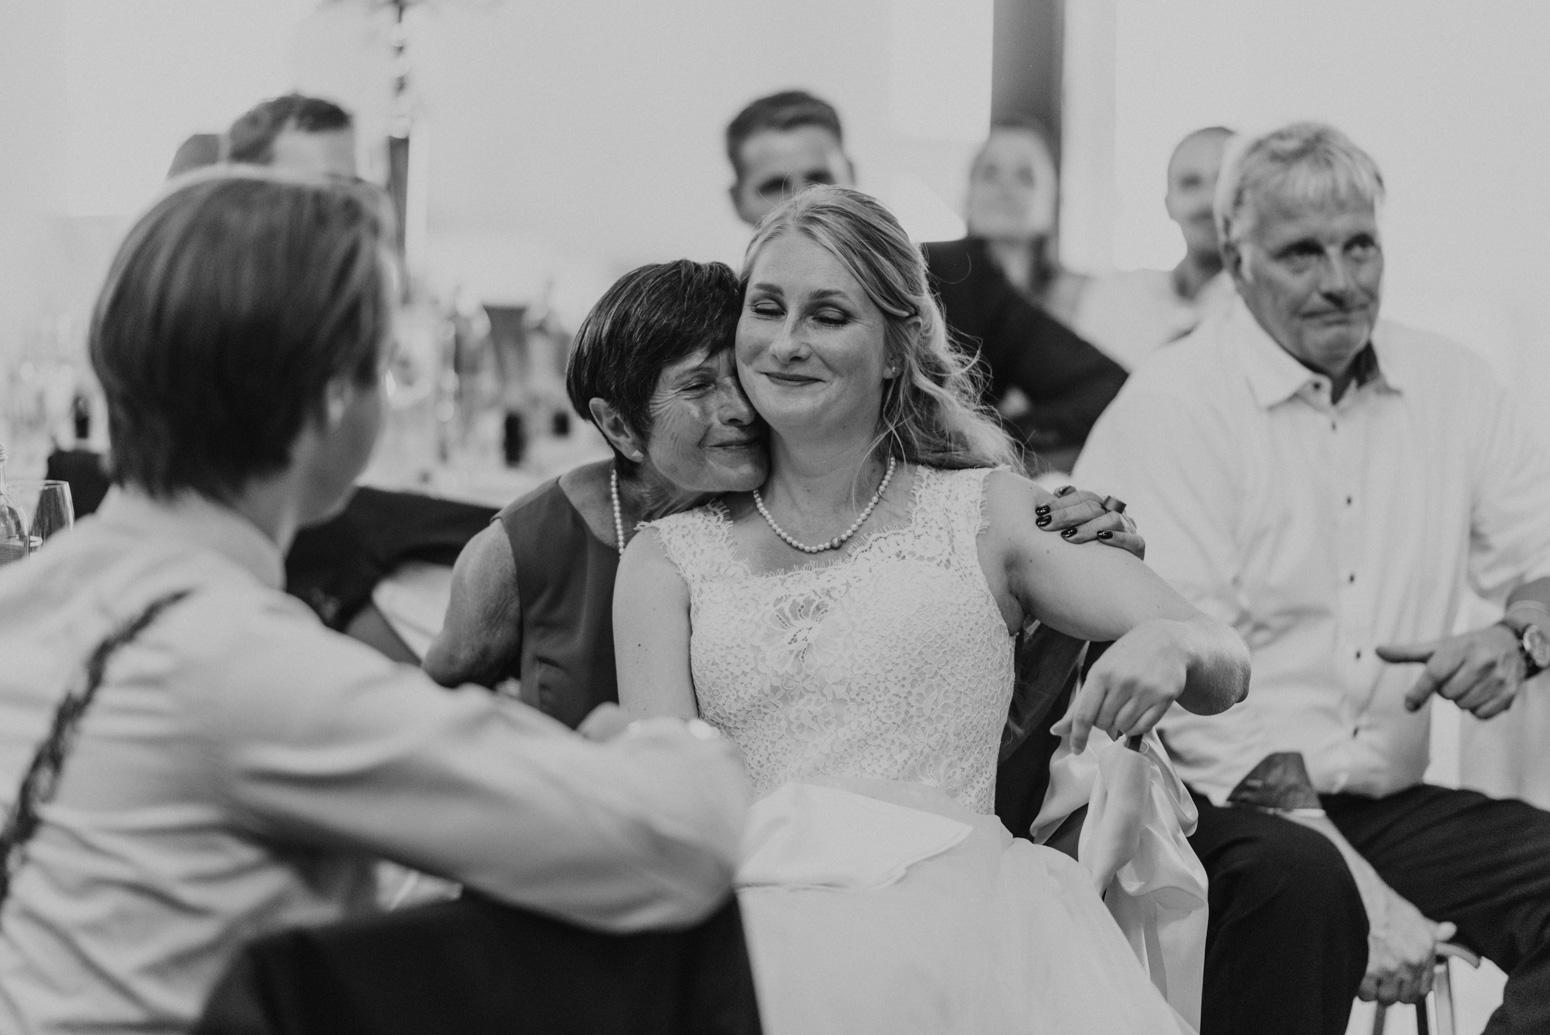 Hochzeitsreportage: Die Braut weint vor Rührung während einer Rede. Hochzeitsfotografin in NRW Daria Becker von Genuine Bonds